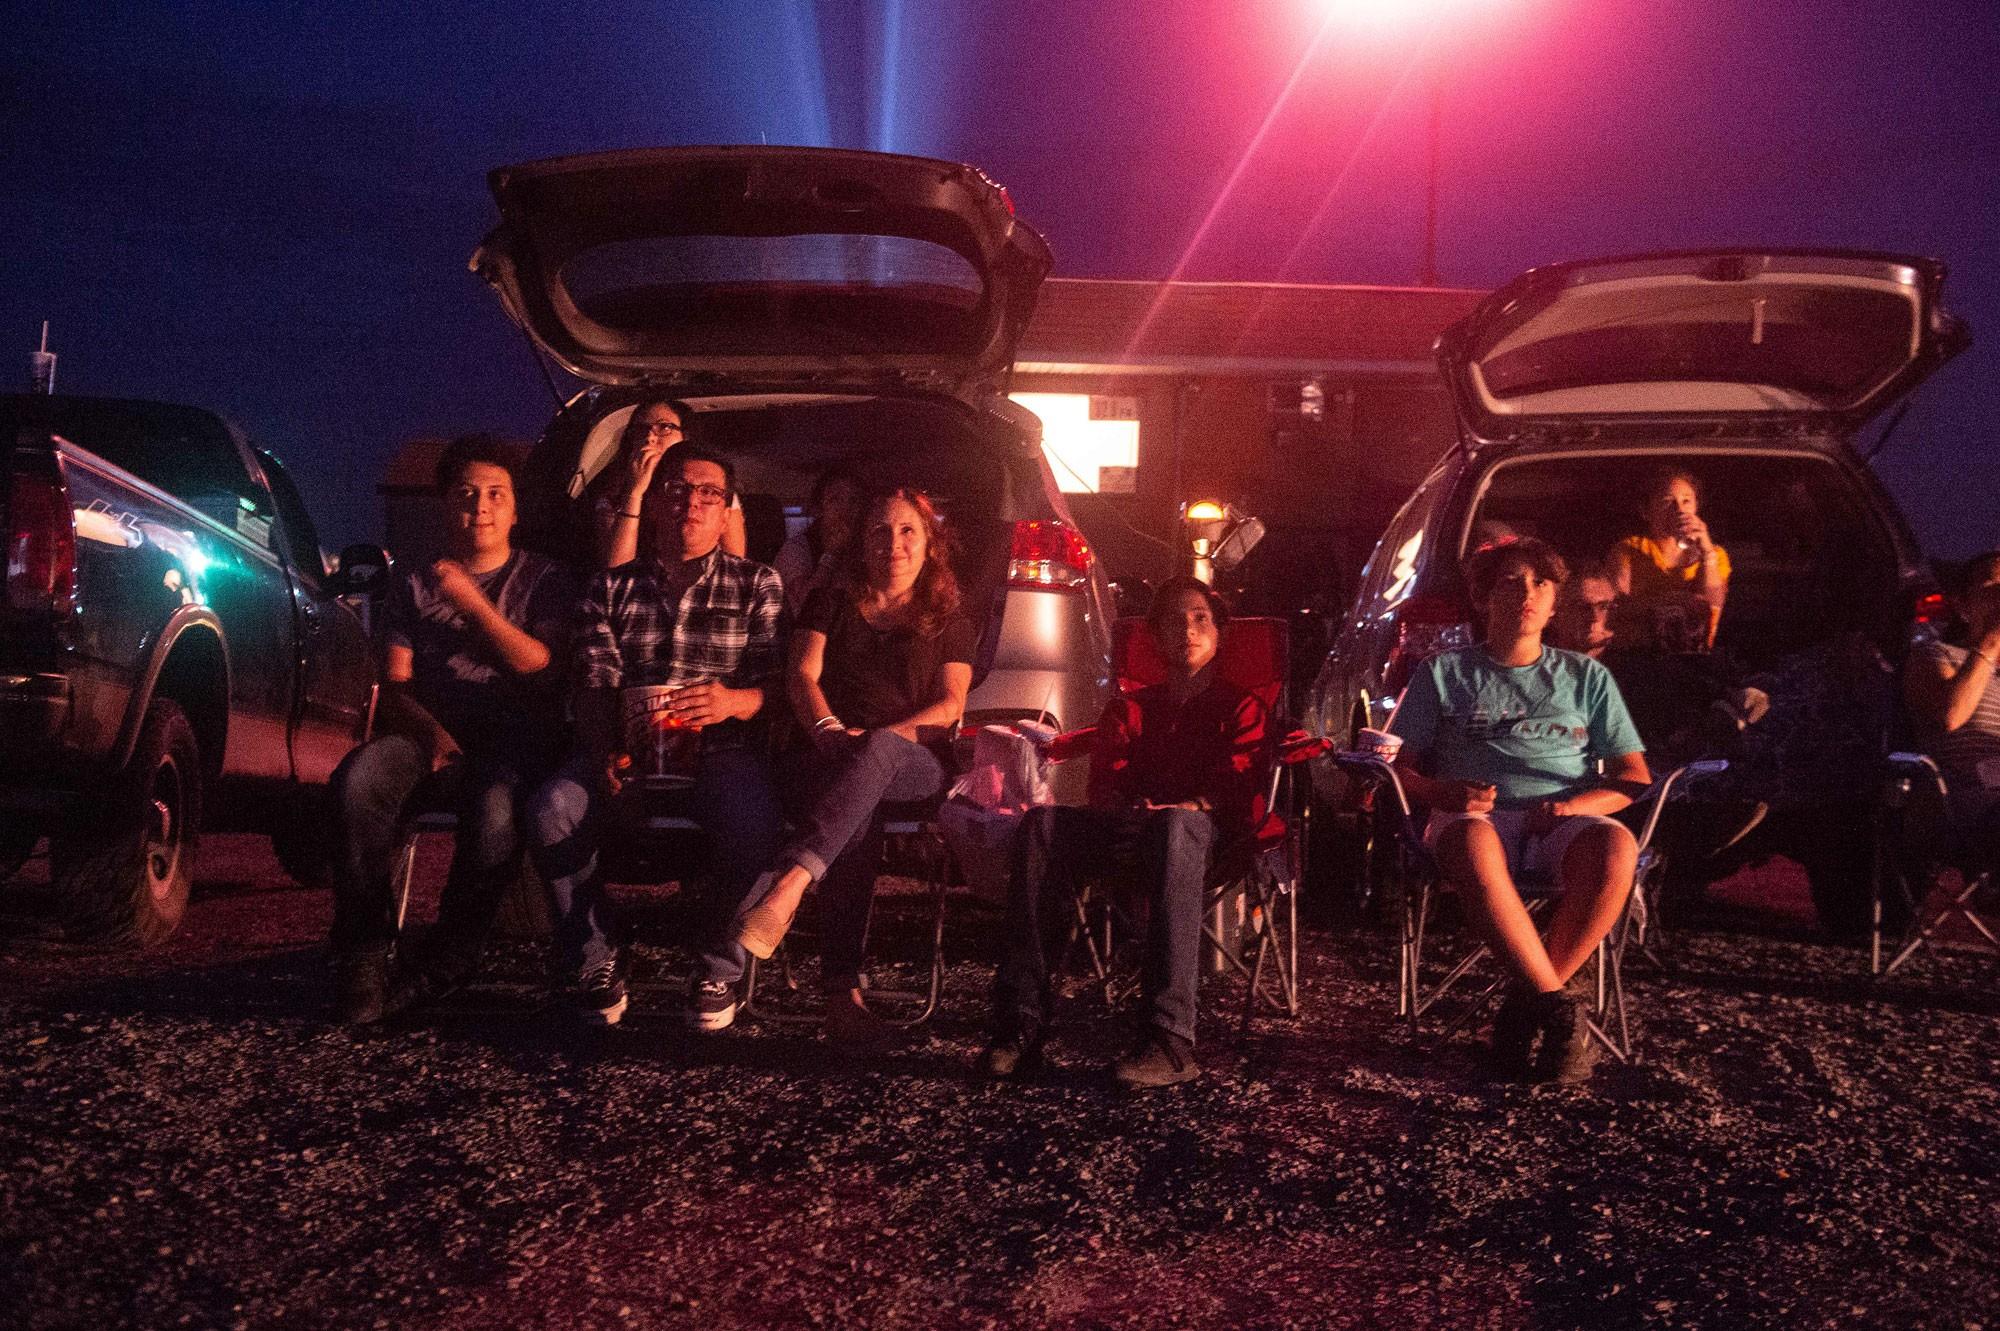 Cinemas drive-in nos EUA atraem público jovem com apelo à nostalgia e sessões 'românticas' a céu aberto 2